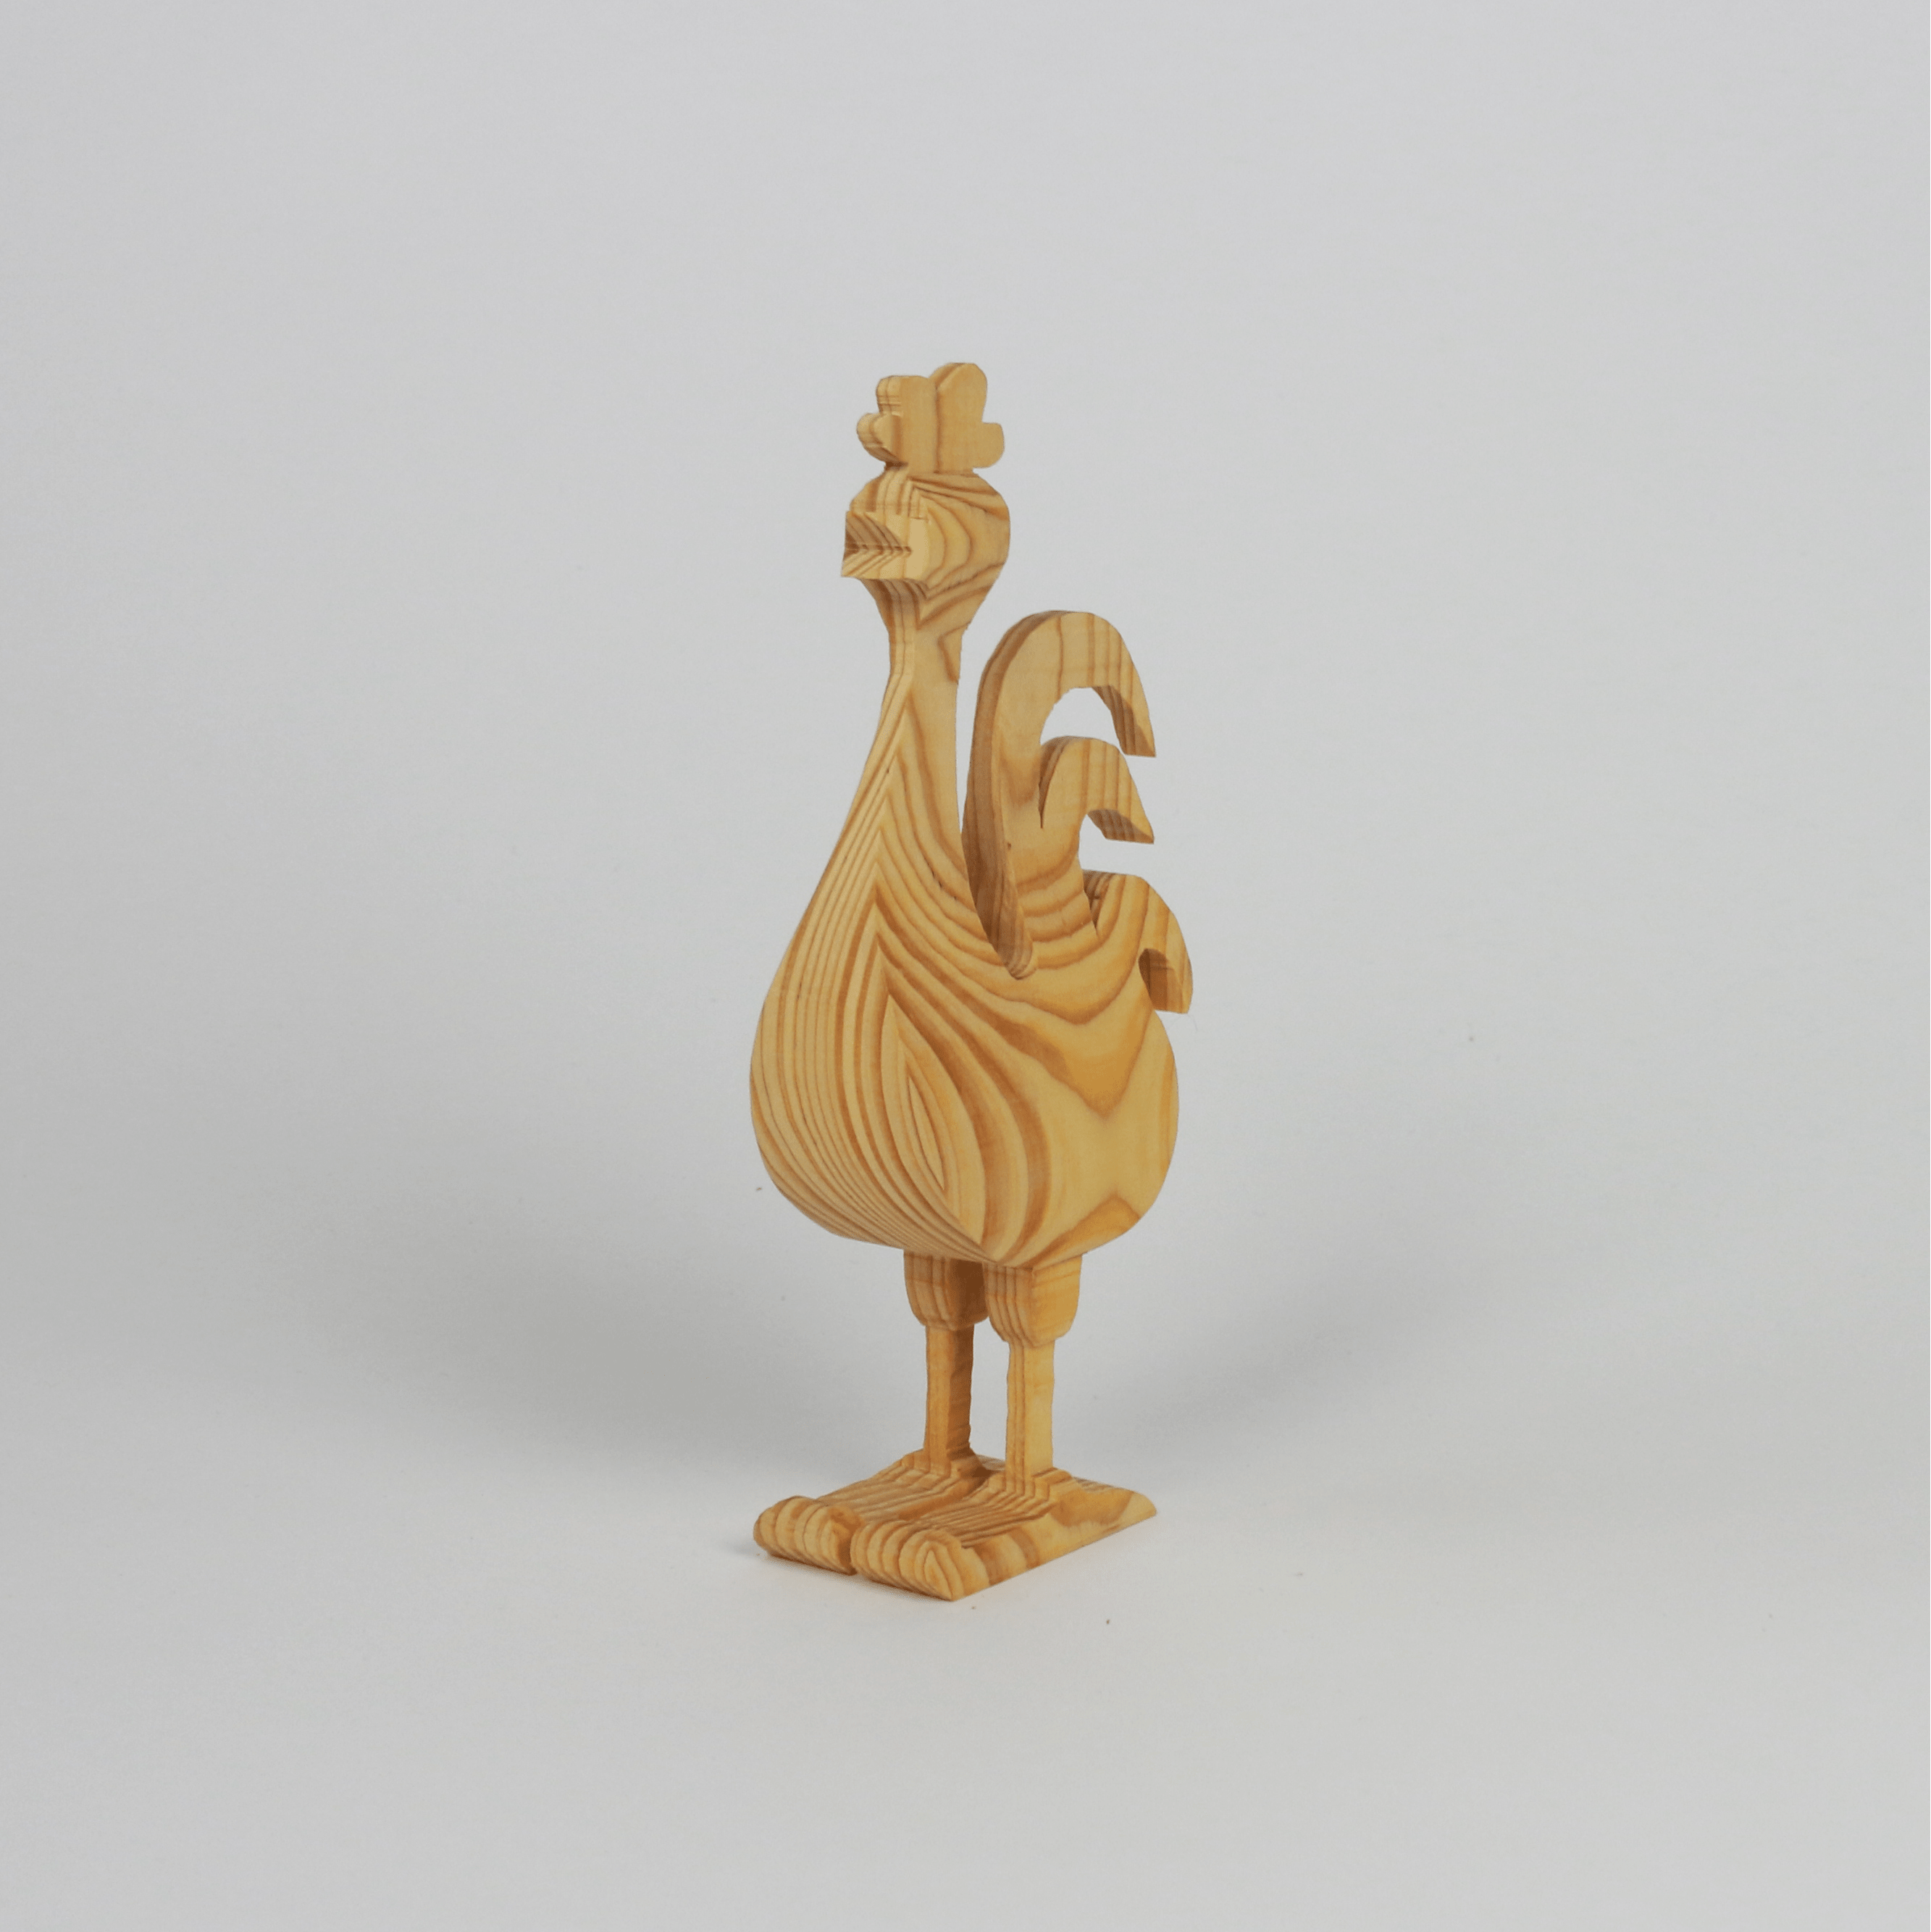 Hahn aus Holz - Trenddeko in 3 D